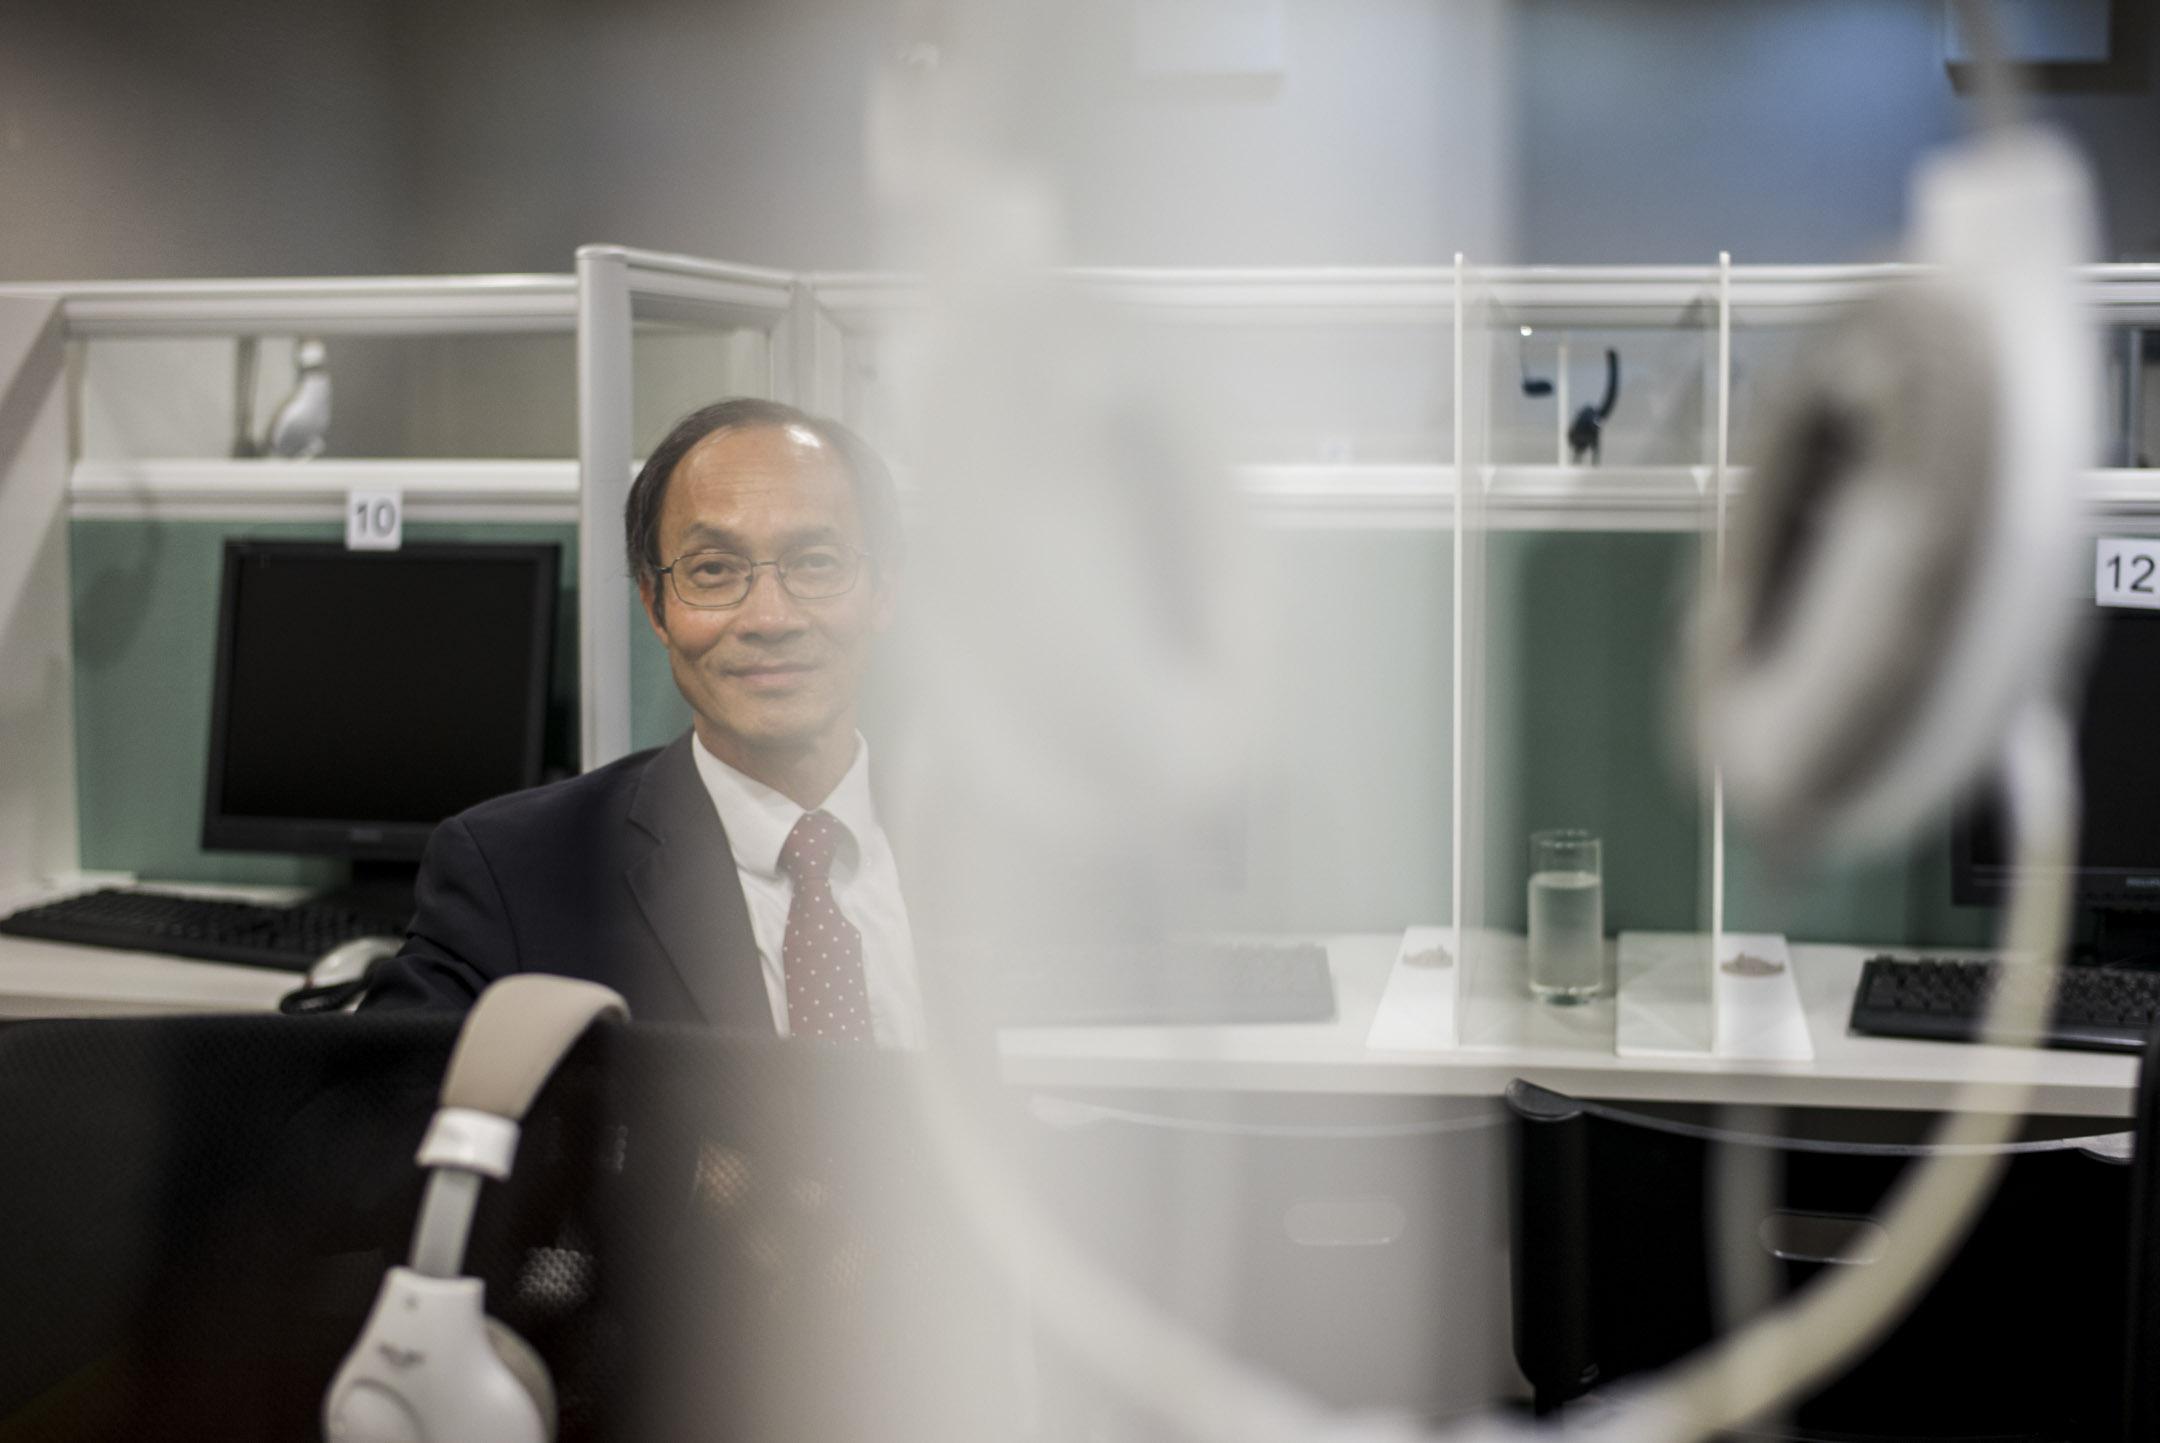 專訪鍾庭耀:香港民意調查可能在經歷滅聲的過程  深度 端傳媒 Initium Media